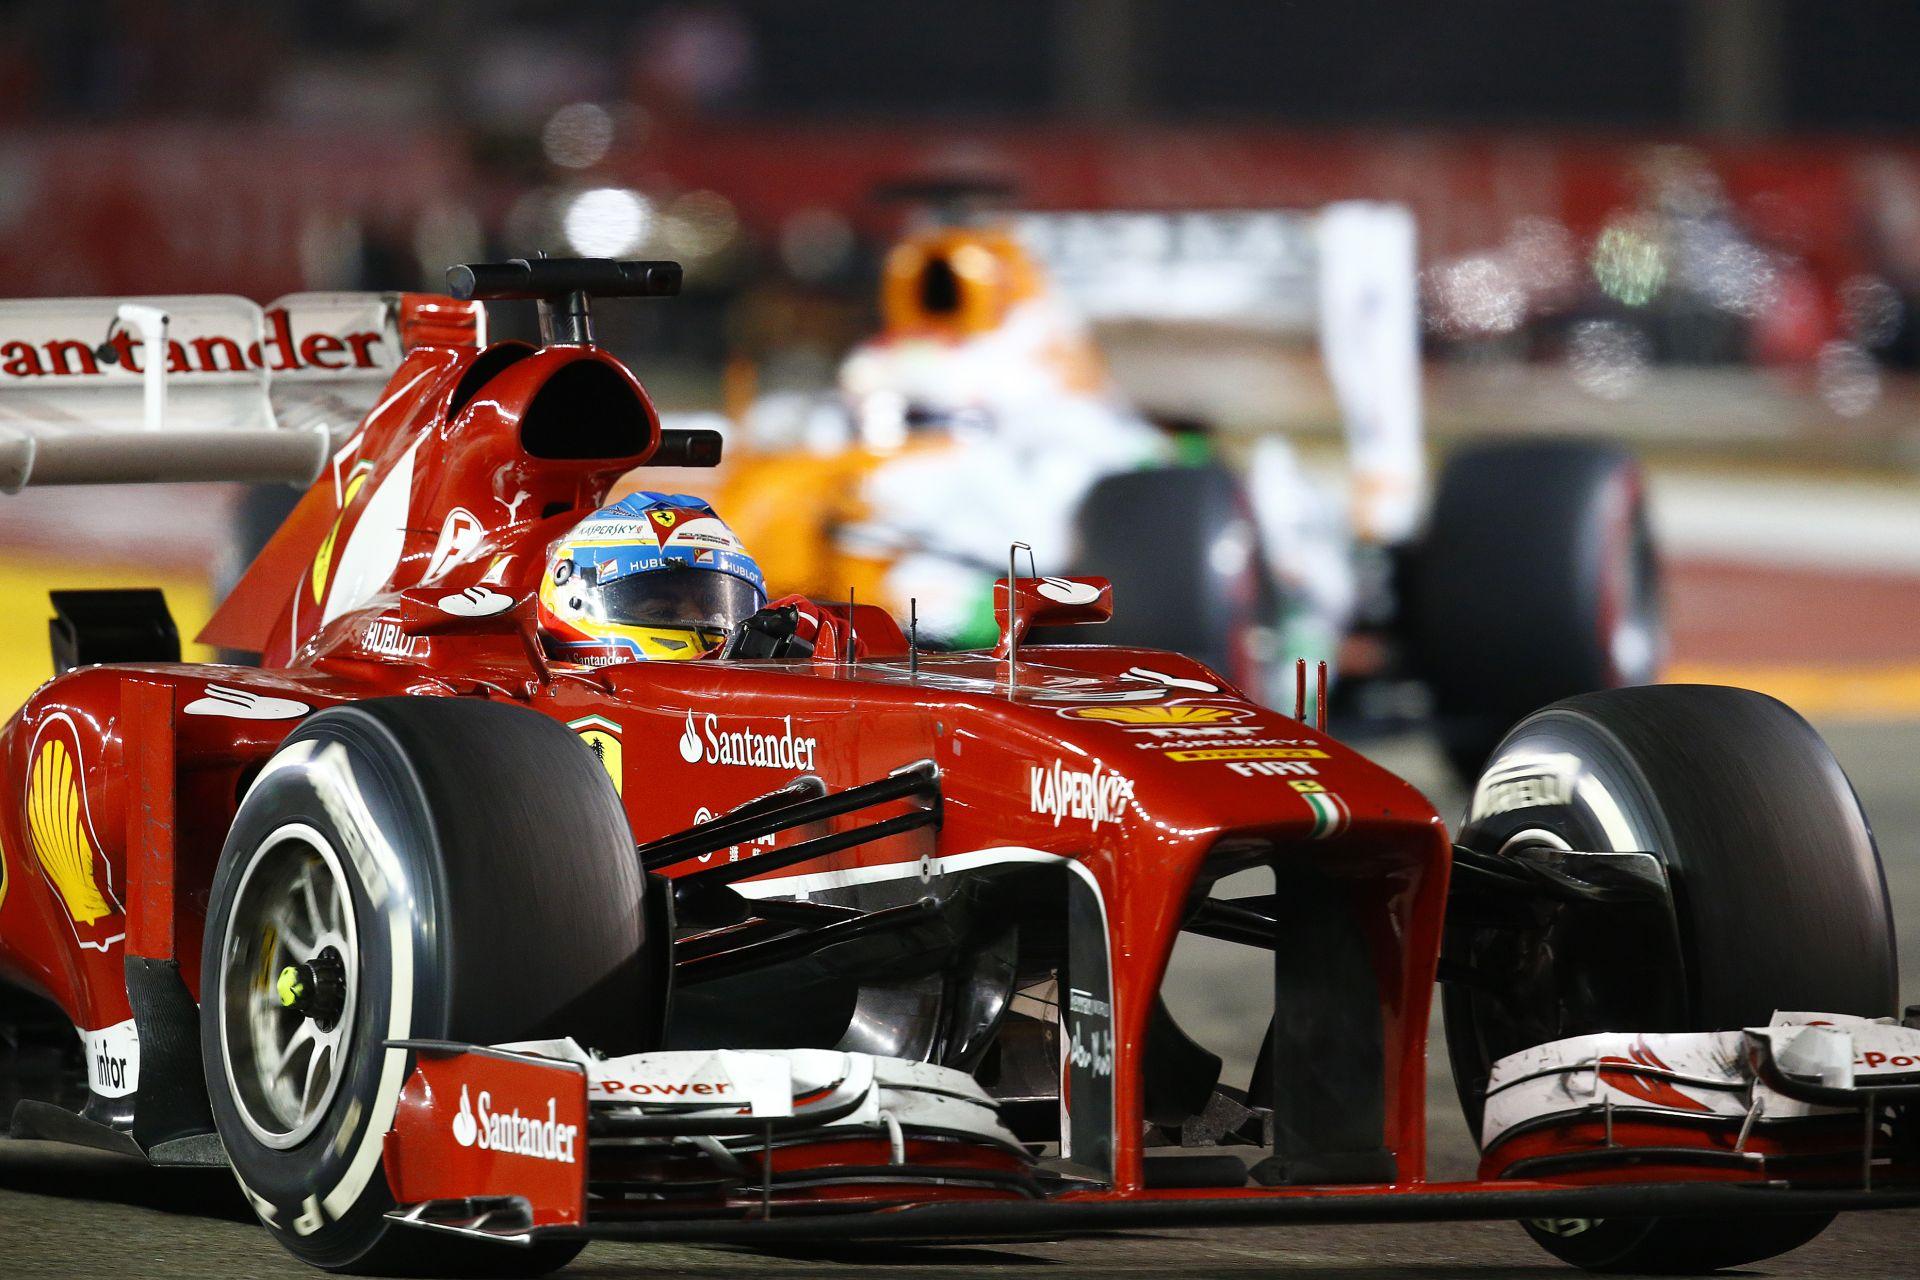 Alonso hihetetlen startja a 2013-as Szingapúri Nagydíjról